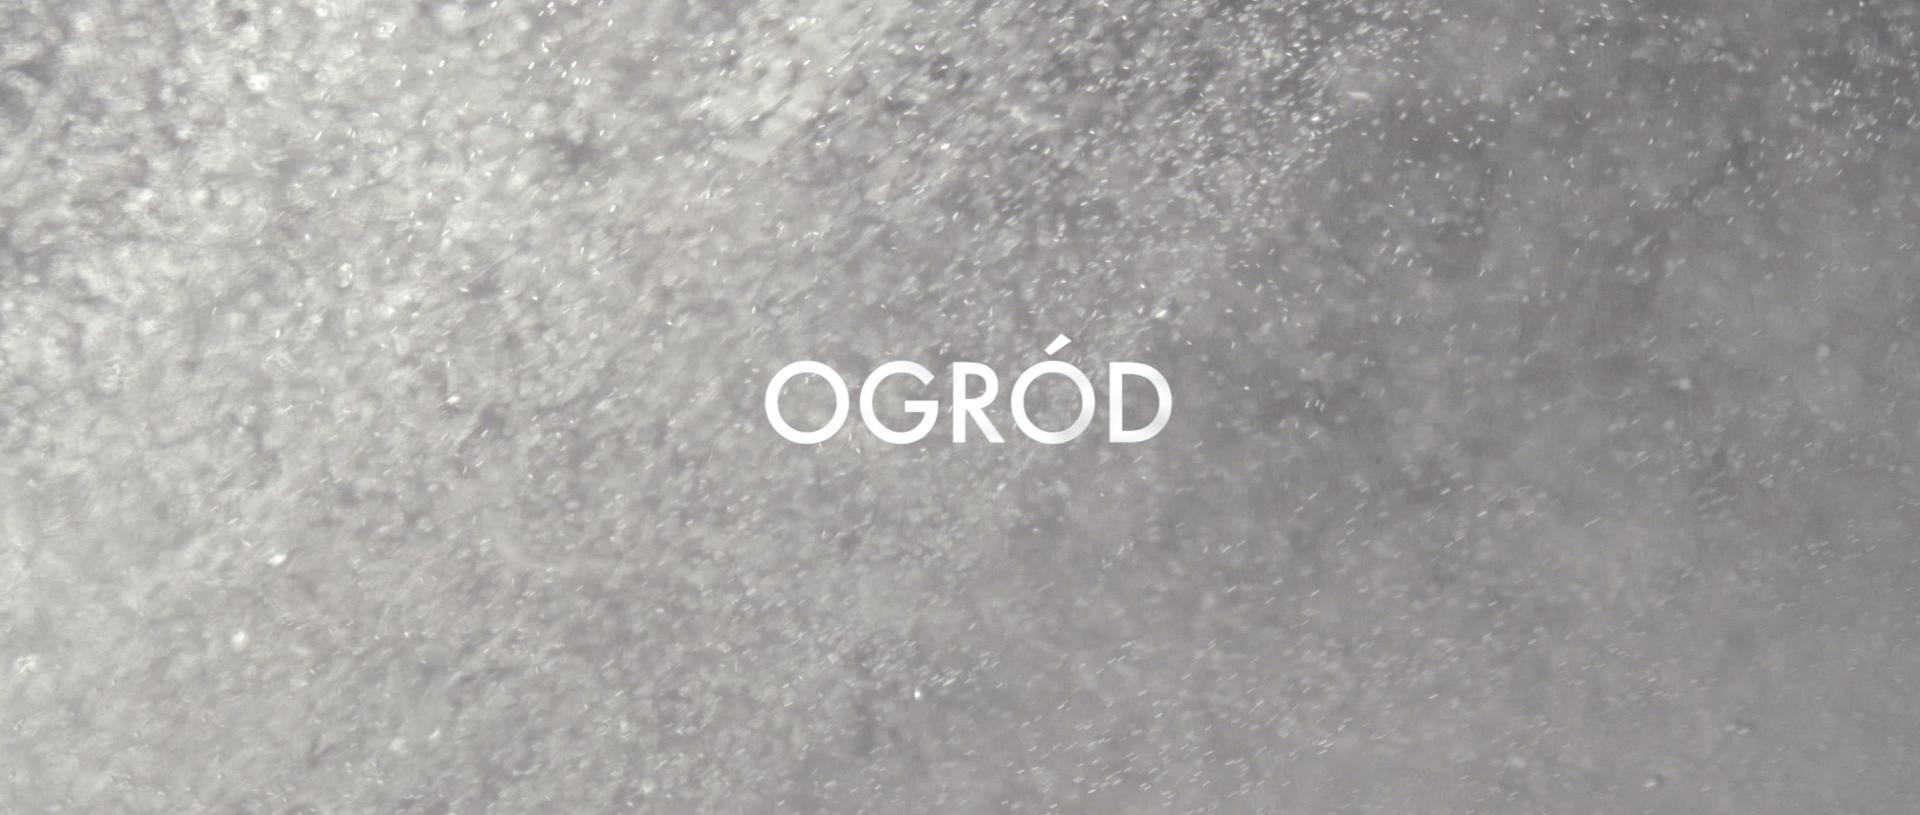 die lichtfänger Werbefilm Ogrod